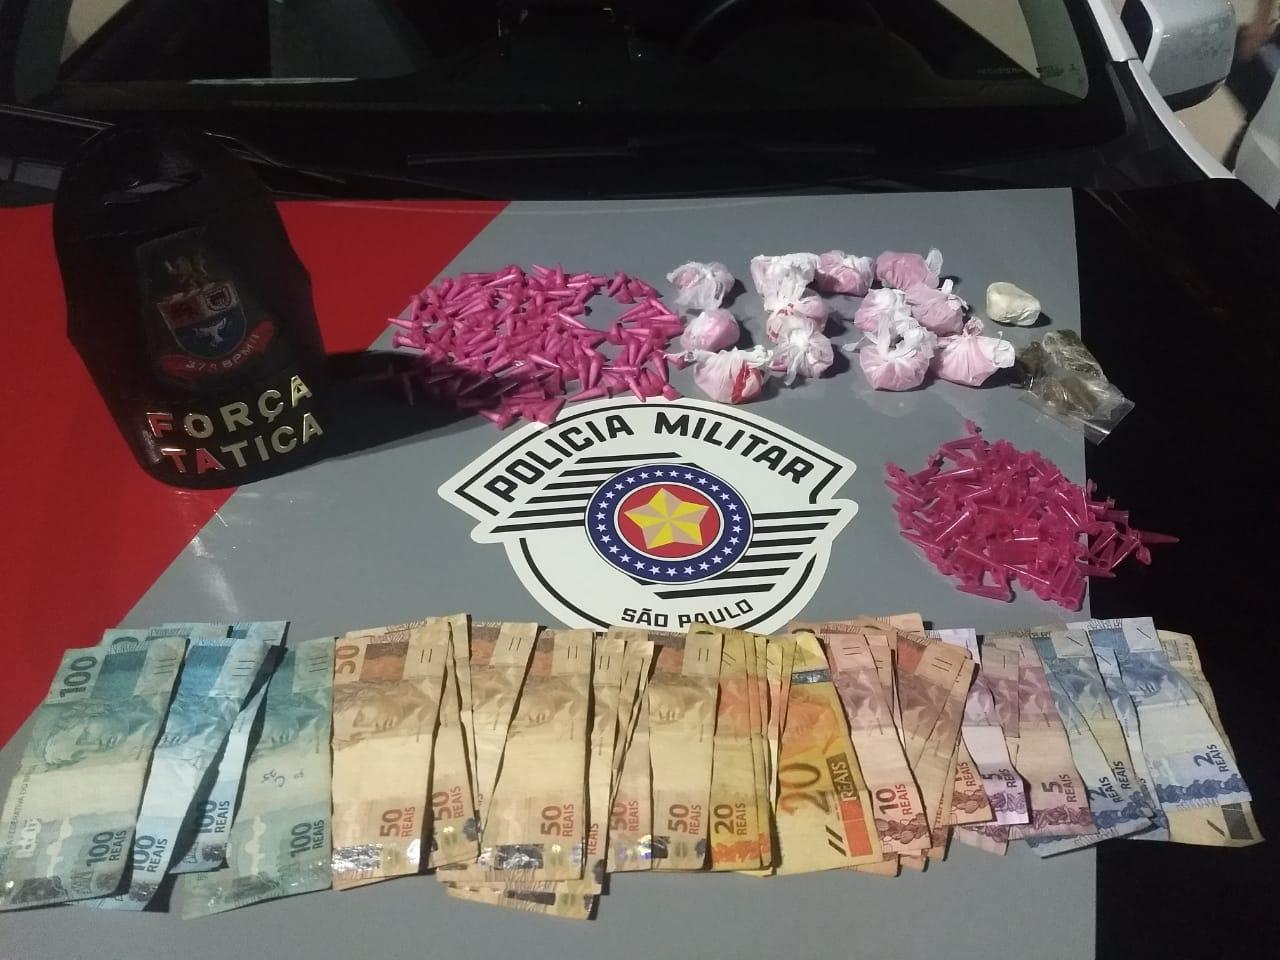 Força Tática prende indivíduo por tráfico de drogas no Jardim Paulista em Rio Claro - https://www.gruporioclarosp.com.br/